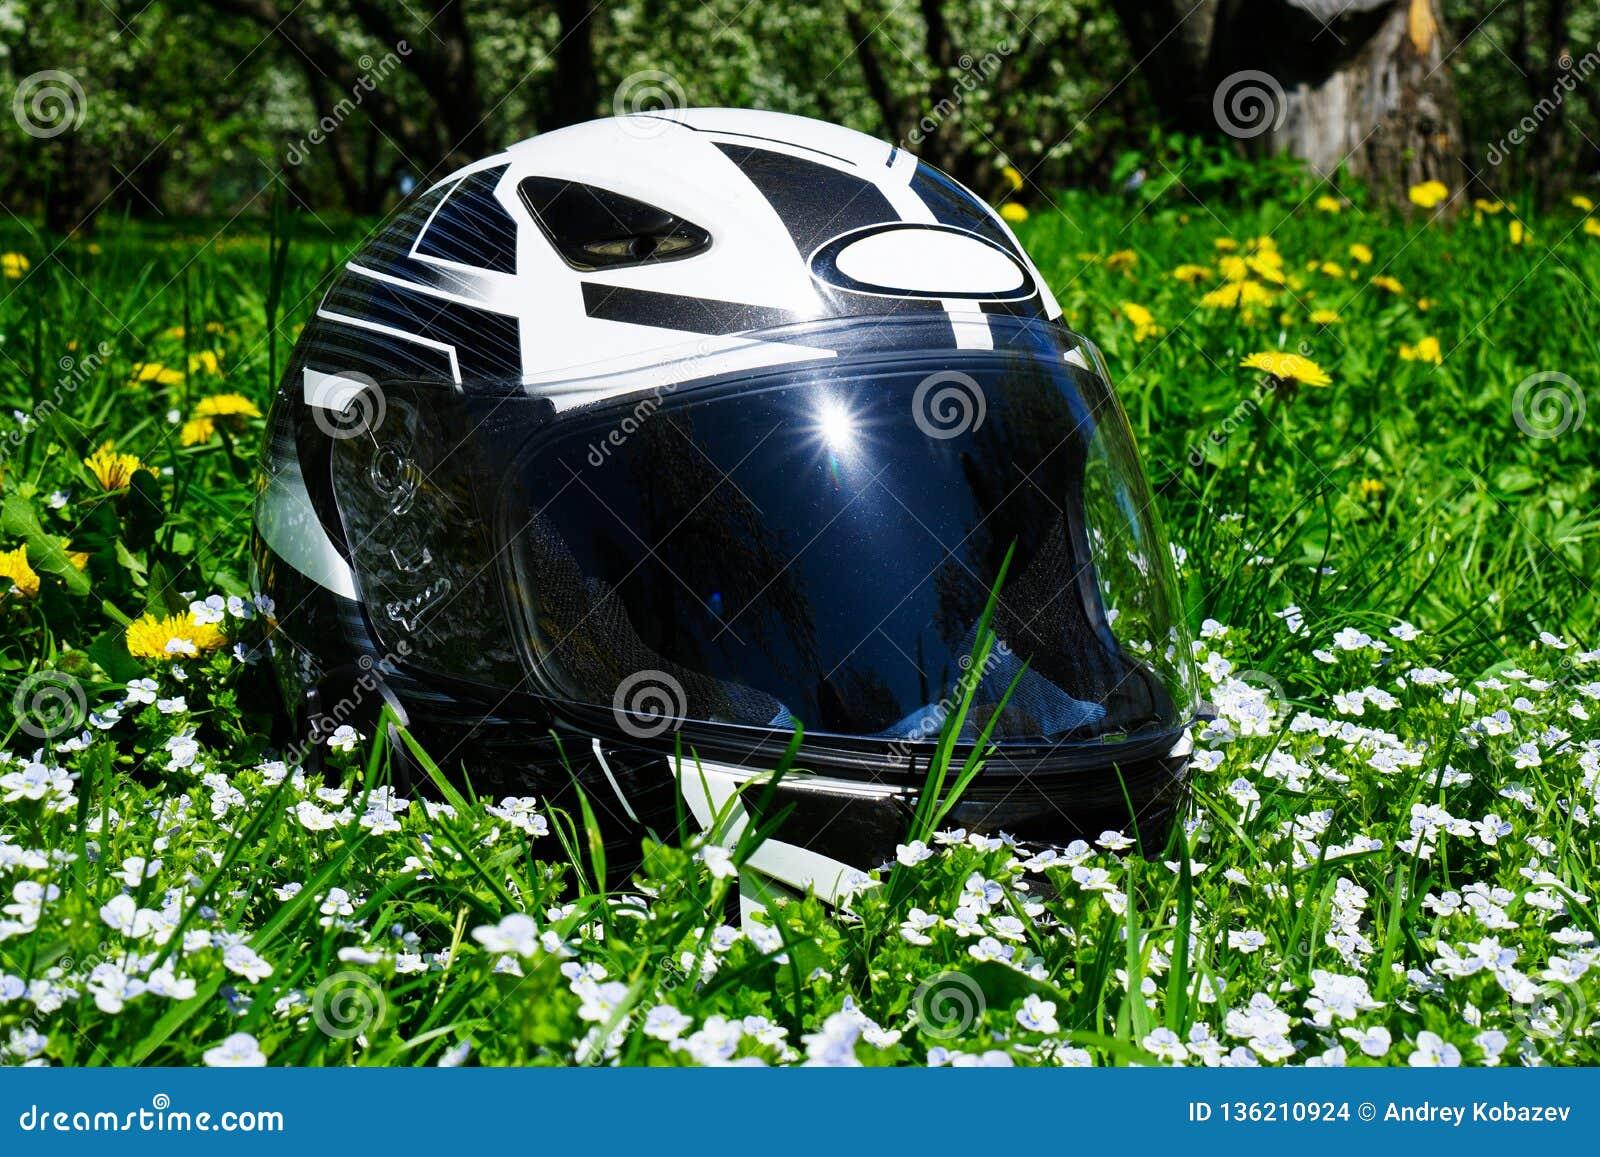 The helmet lies on a blooming meadow